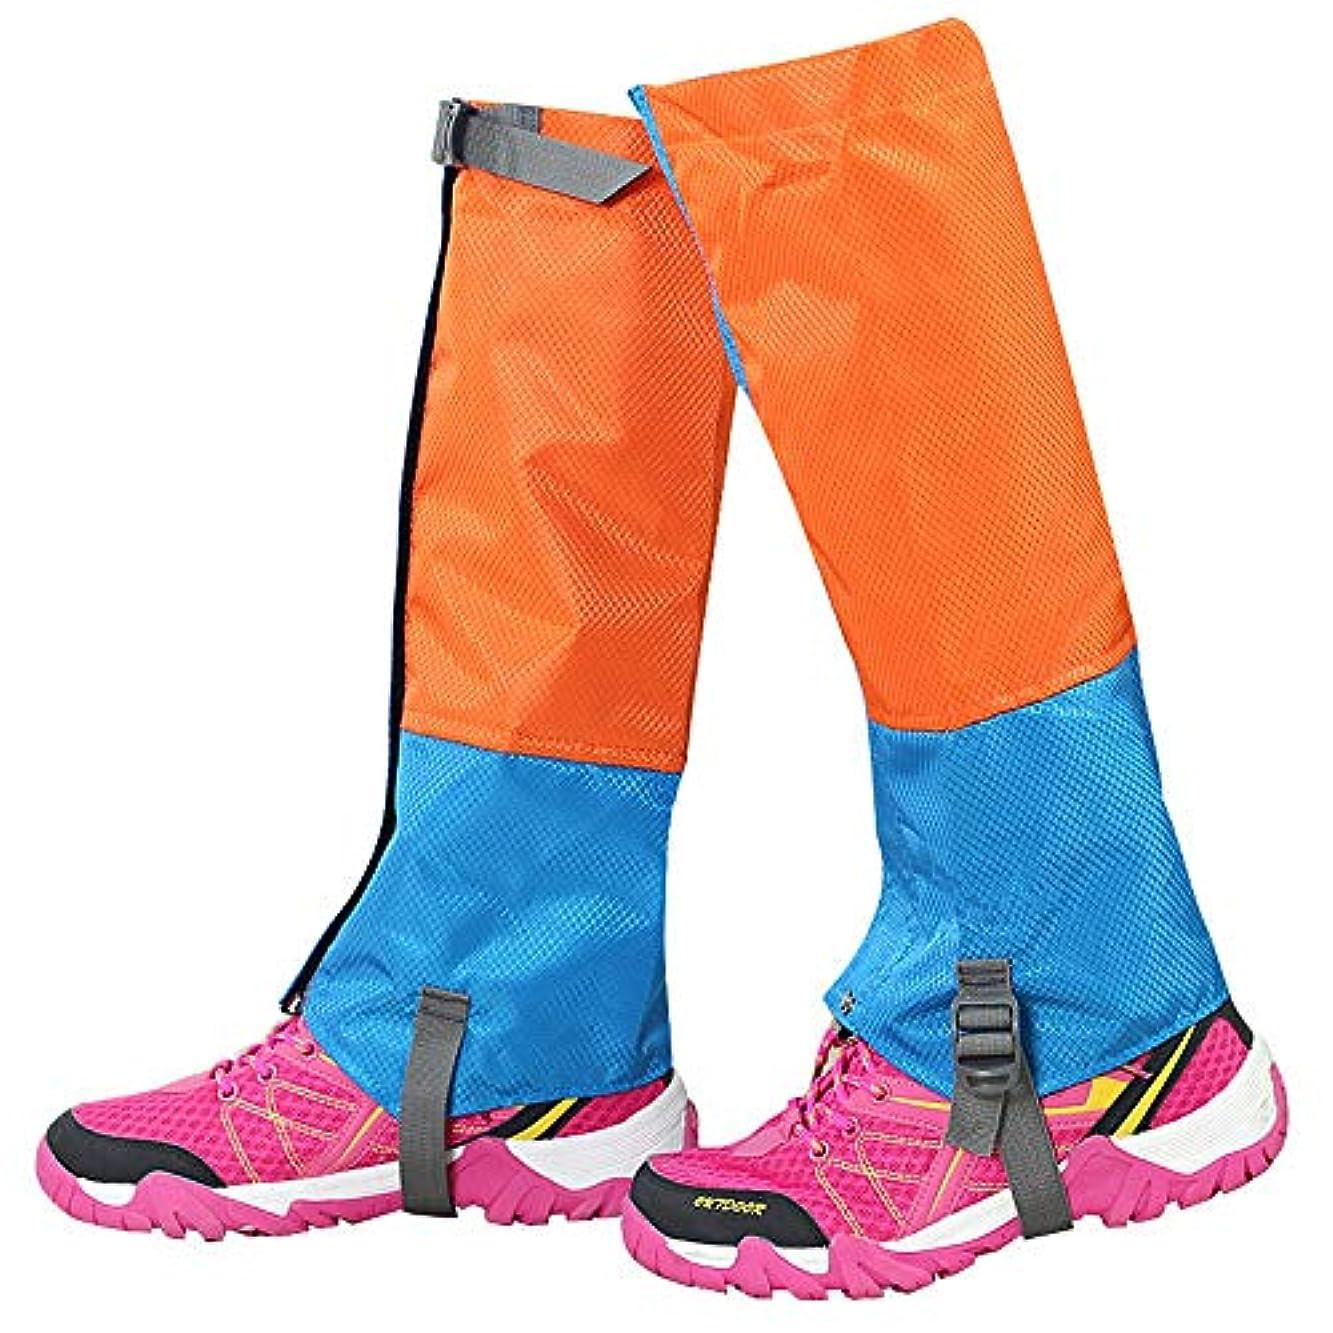 メタリック連想バルク軽量で ウォータープルーフハイキングガーターズ耐久性のあるレギンスガイター通気性の高いレッグカバーラップ男性用女性マウンテントレッキングスキーウォーキングクライミングハンティング - 1ペア (色 : オレンジ+ブルー, サイズ : Medium)